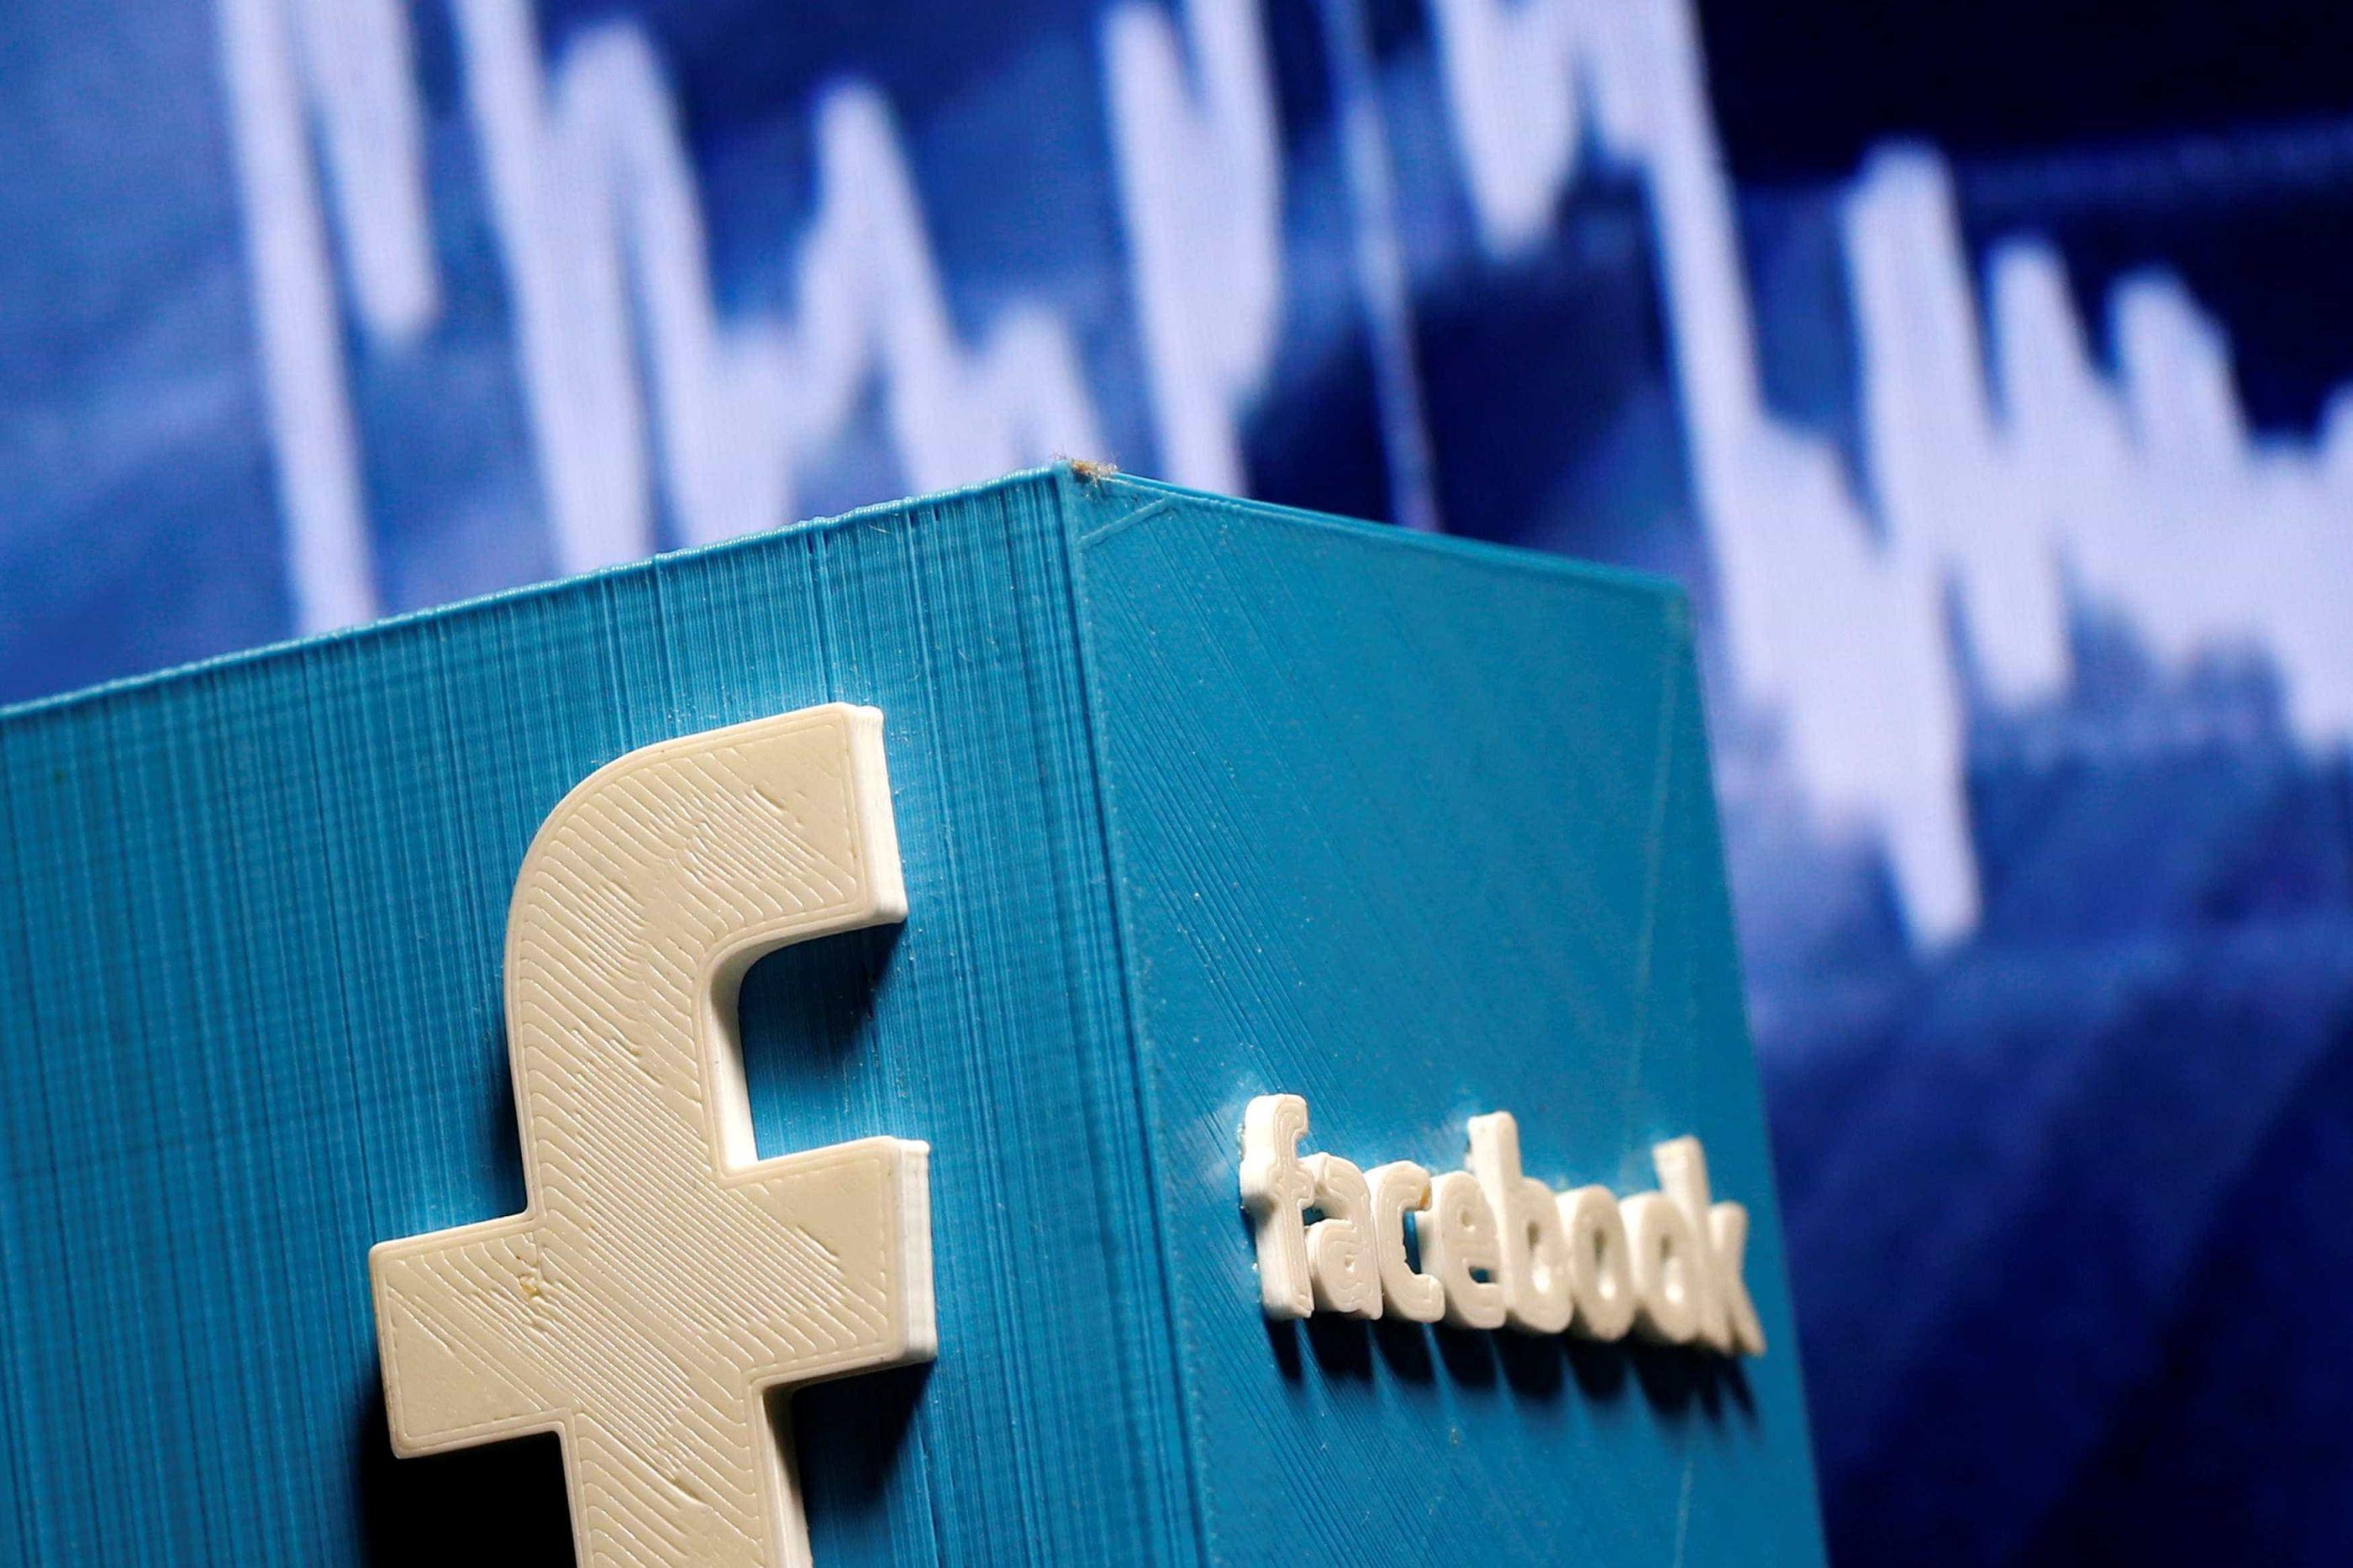 Facebook rejeita aplicar atraso a vídeos transmitidos ao vivo